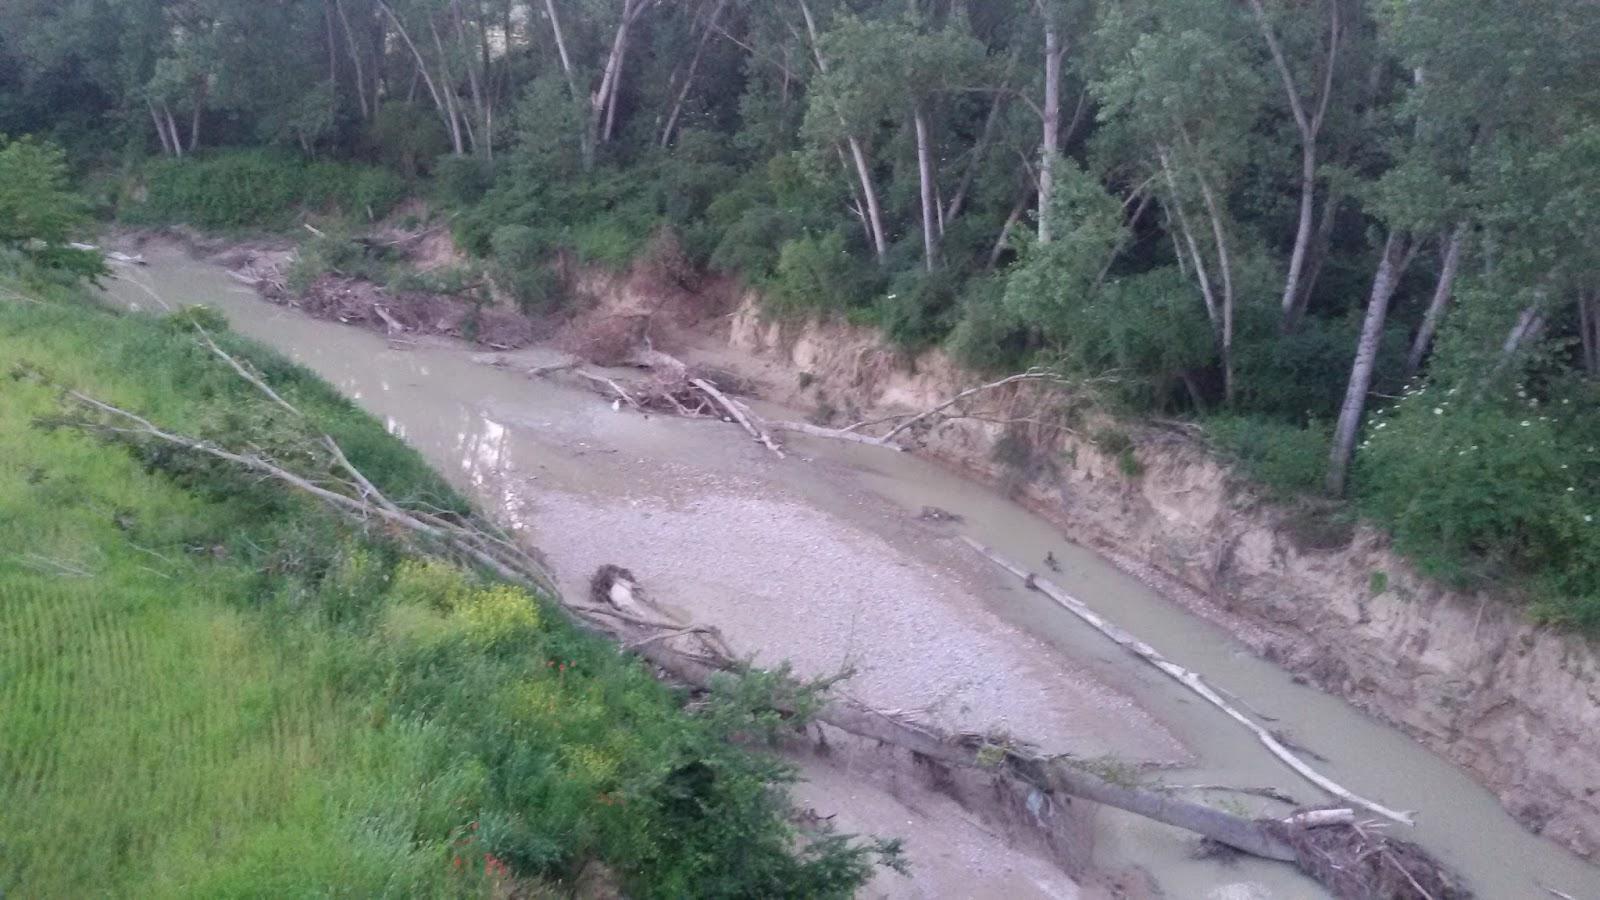 Pericolo torrenti l 39 ete morto pieno di sedimenti le foto - Letto di un fiume ...